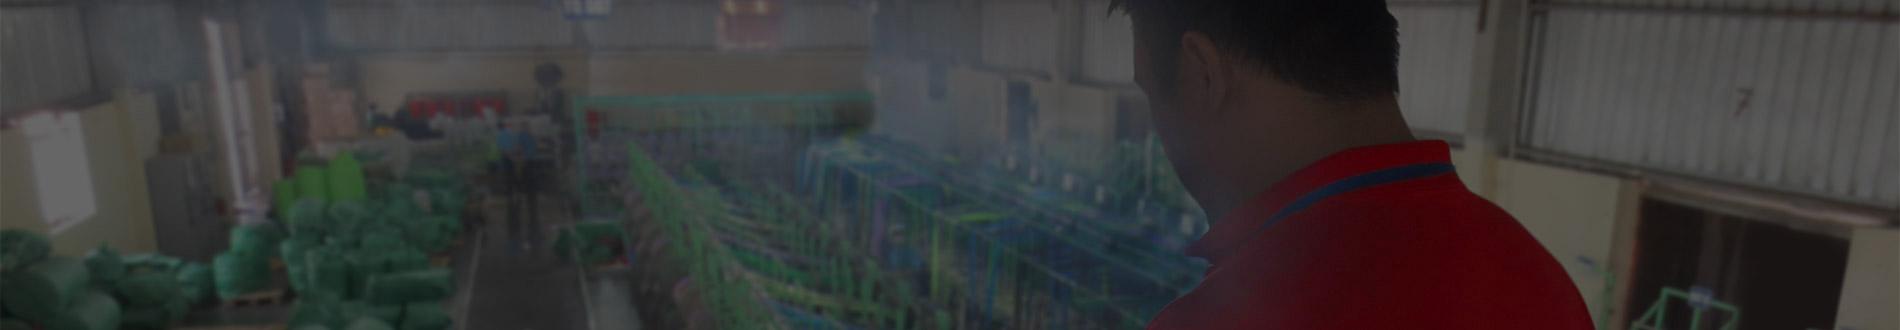 Production Monitoring | QIMA